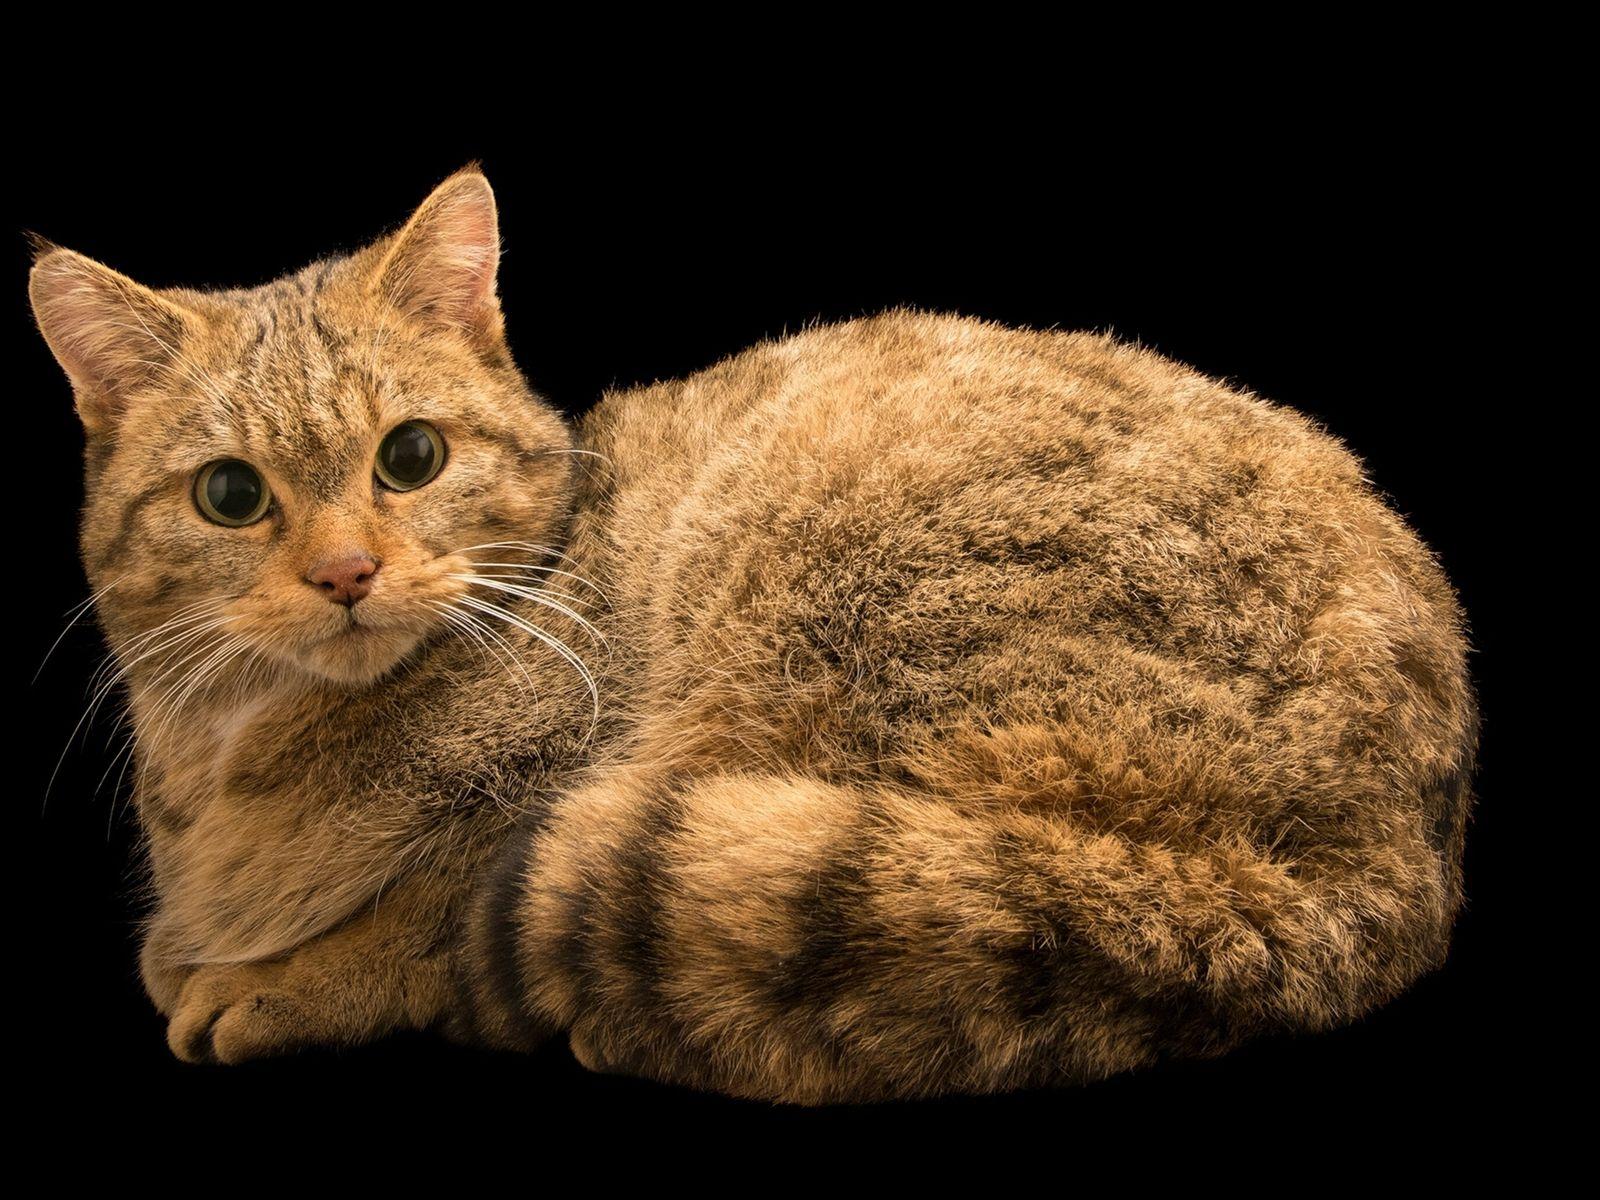 photo-ark-european-wildcat2501892